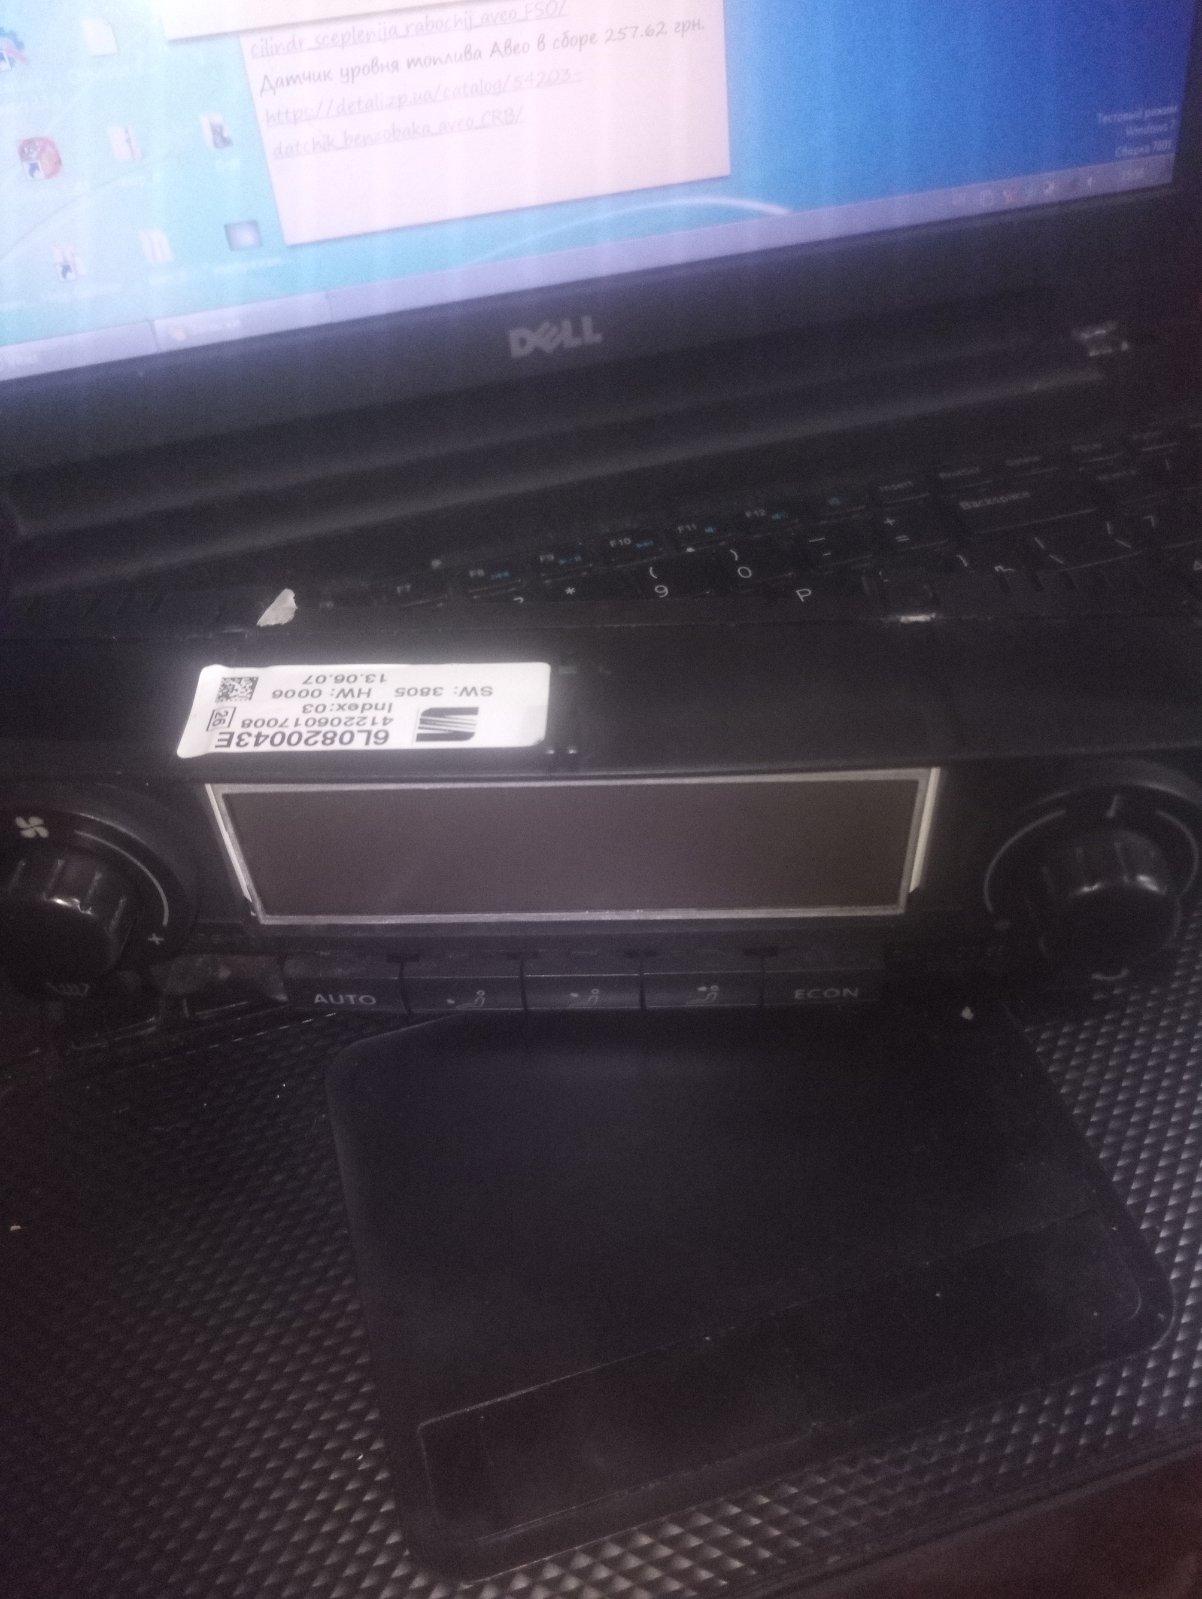 Фото Блок управления климатом Seat Ibiza после замены транзисторов.